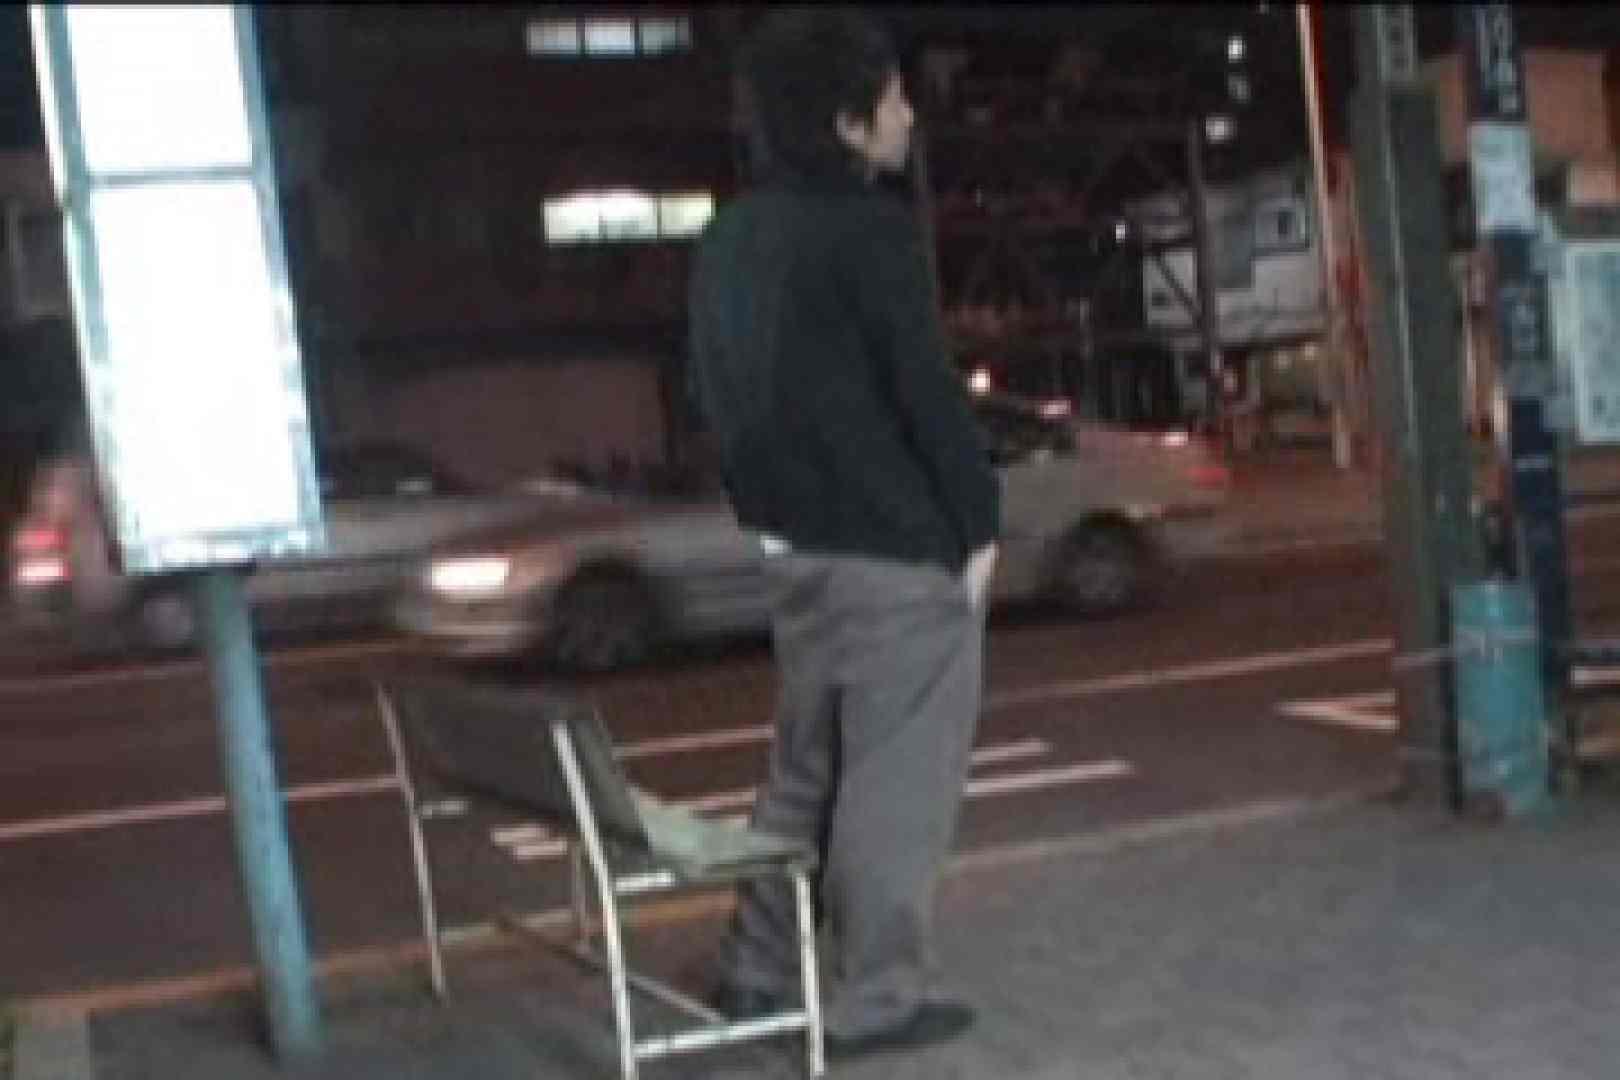 怒涛の集団攻撃!!vol.07 オナニー ゲイエロビデオ画像 102pic 29